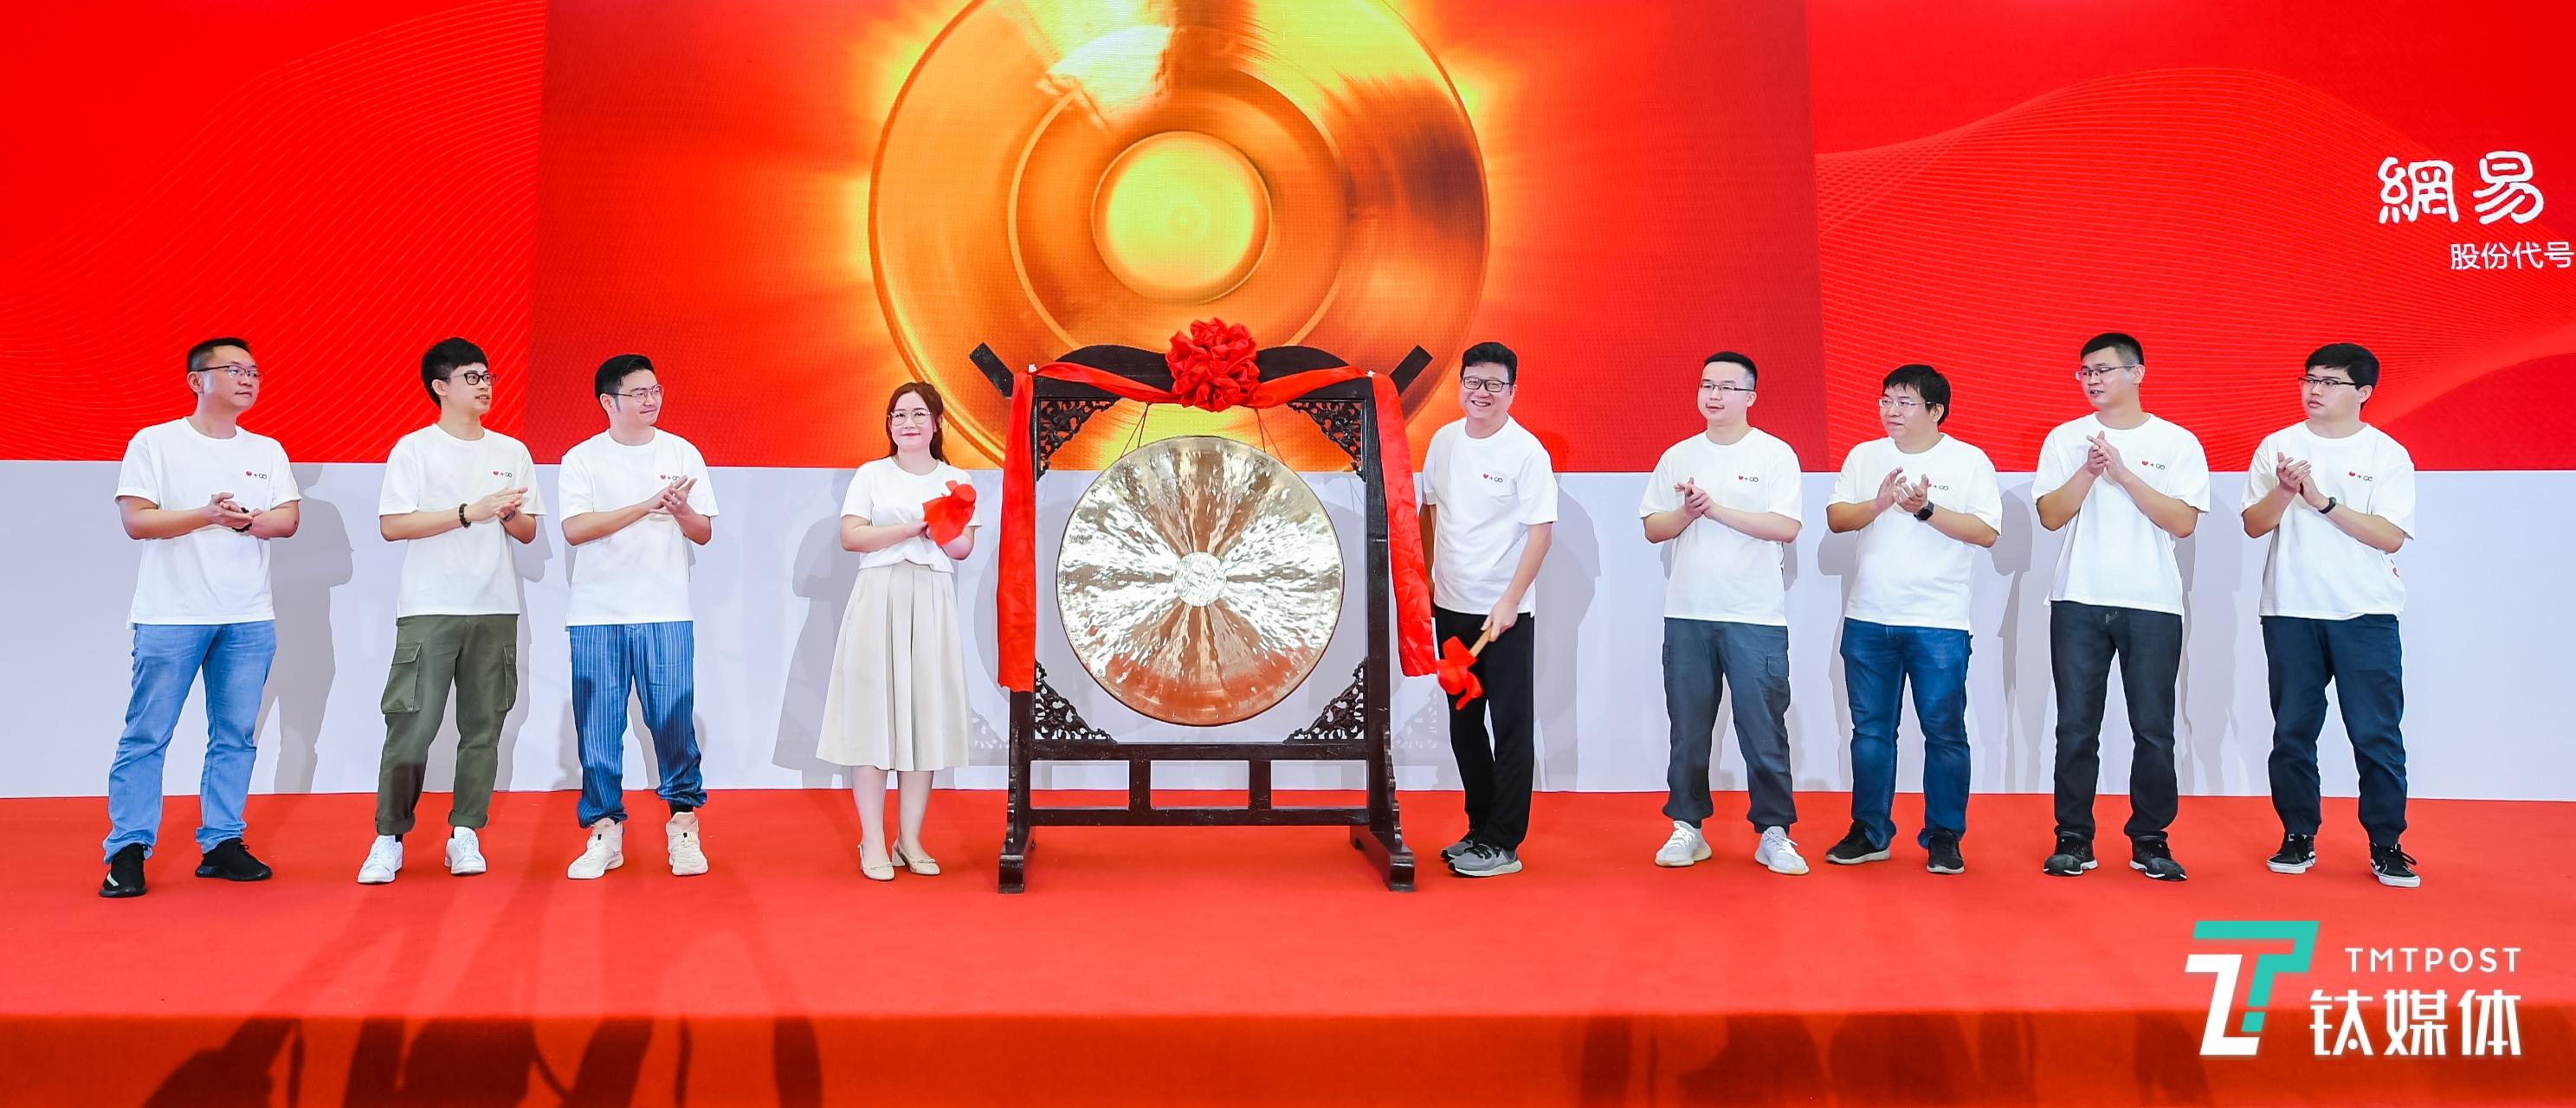 网易杭州敲钟庆典现场